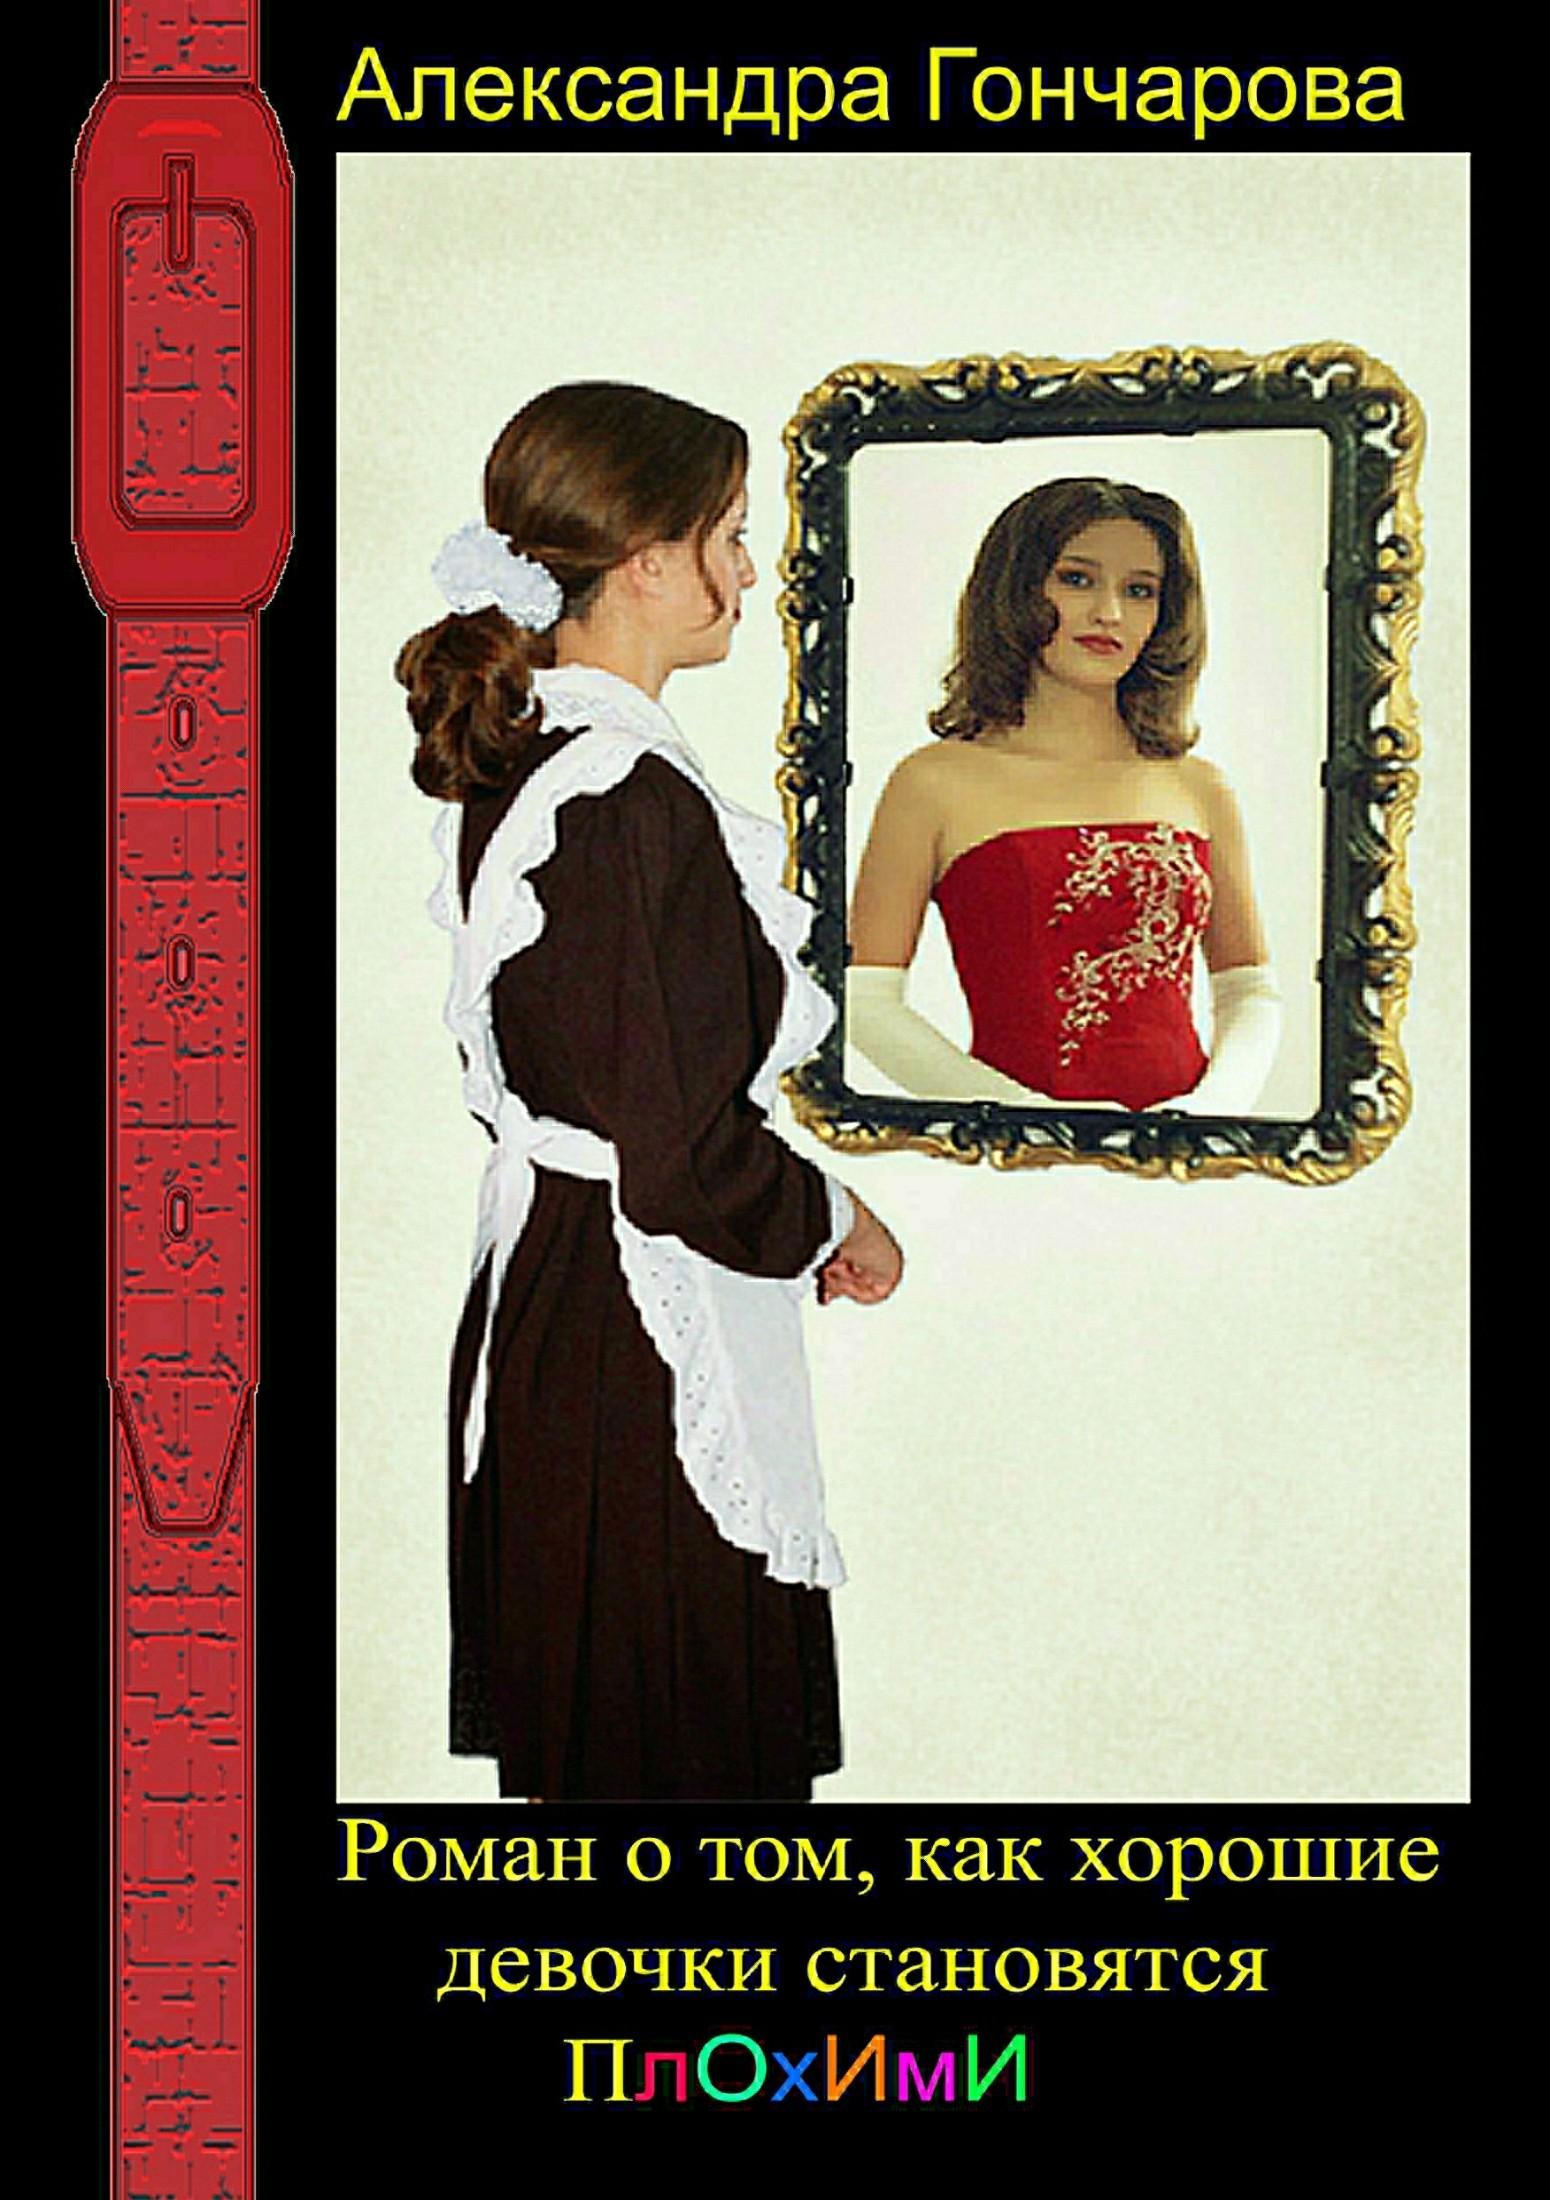 Александра Гончарова - Роман о том, как хорошие девочки становятся плохими